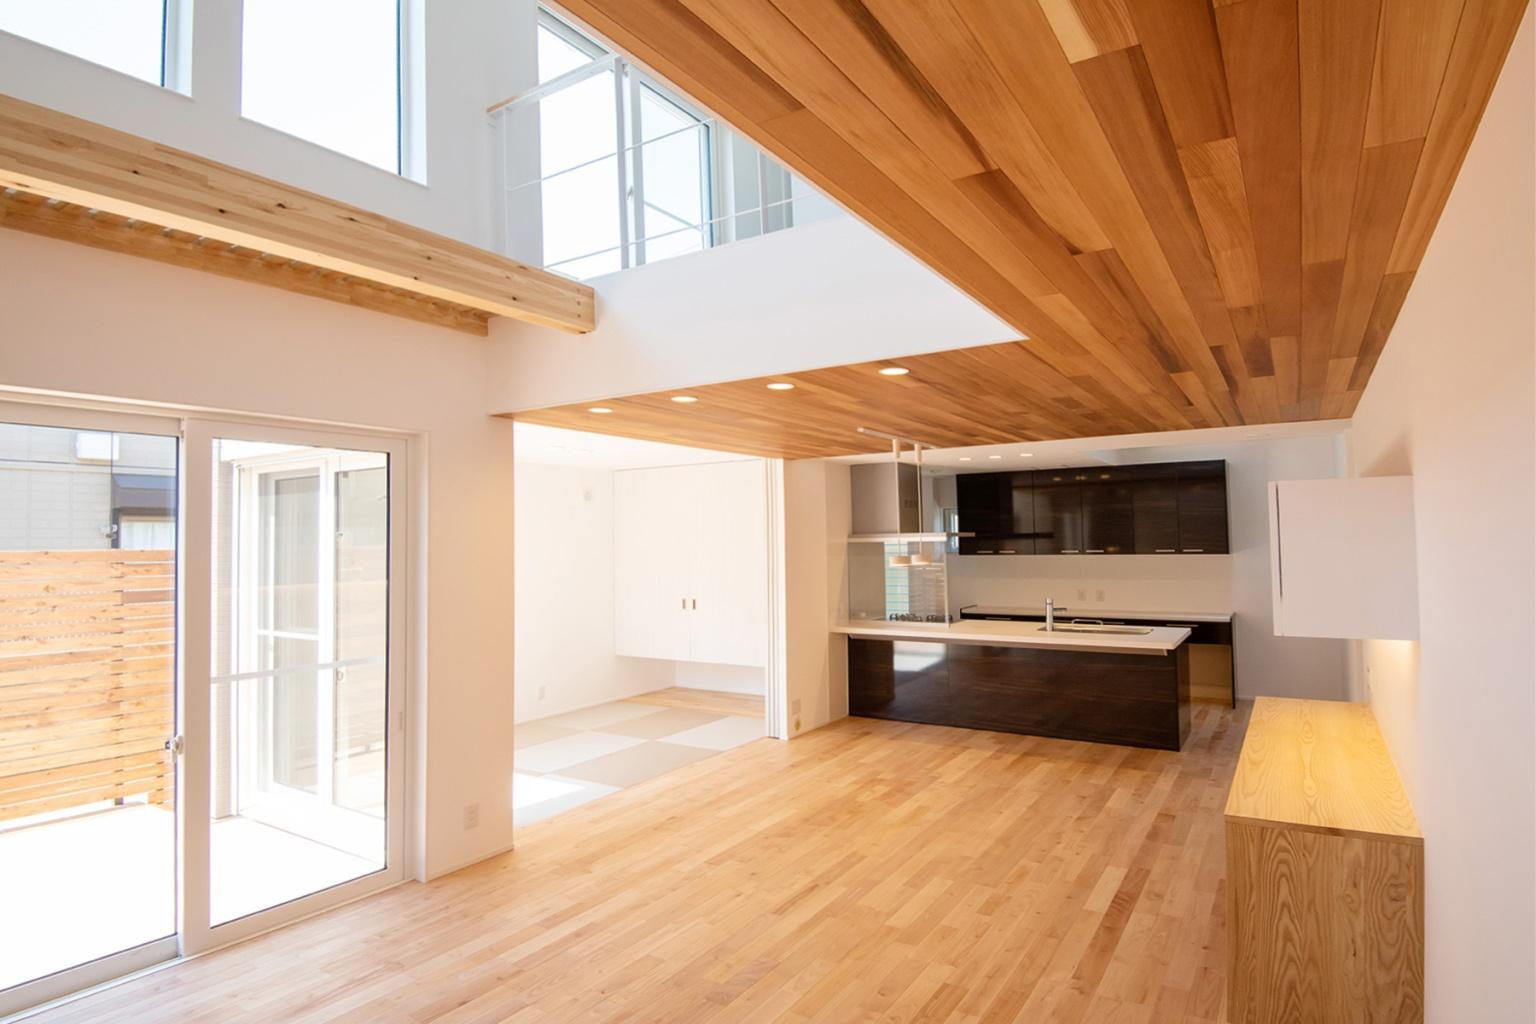 木目の美しい床と天井を持つ奥行きのあるLDK